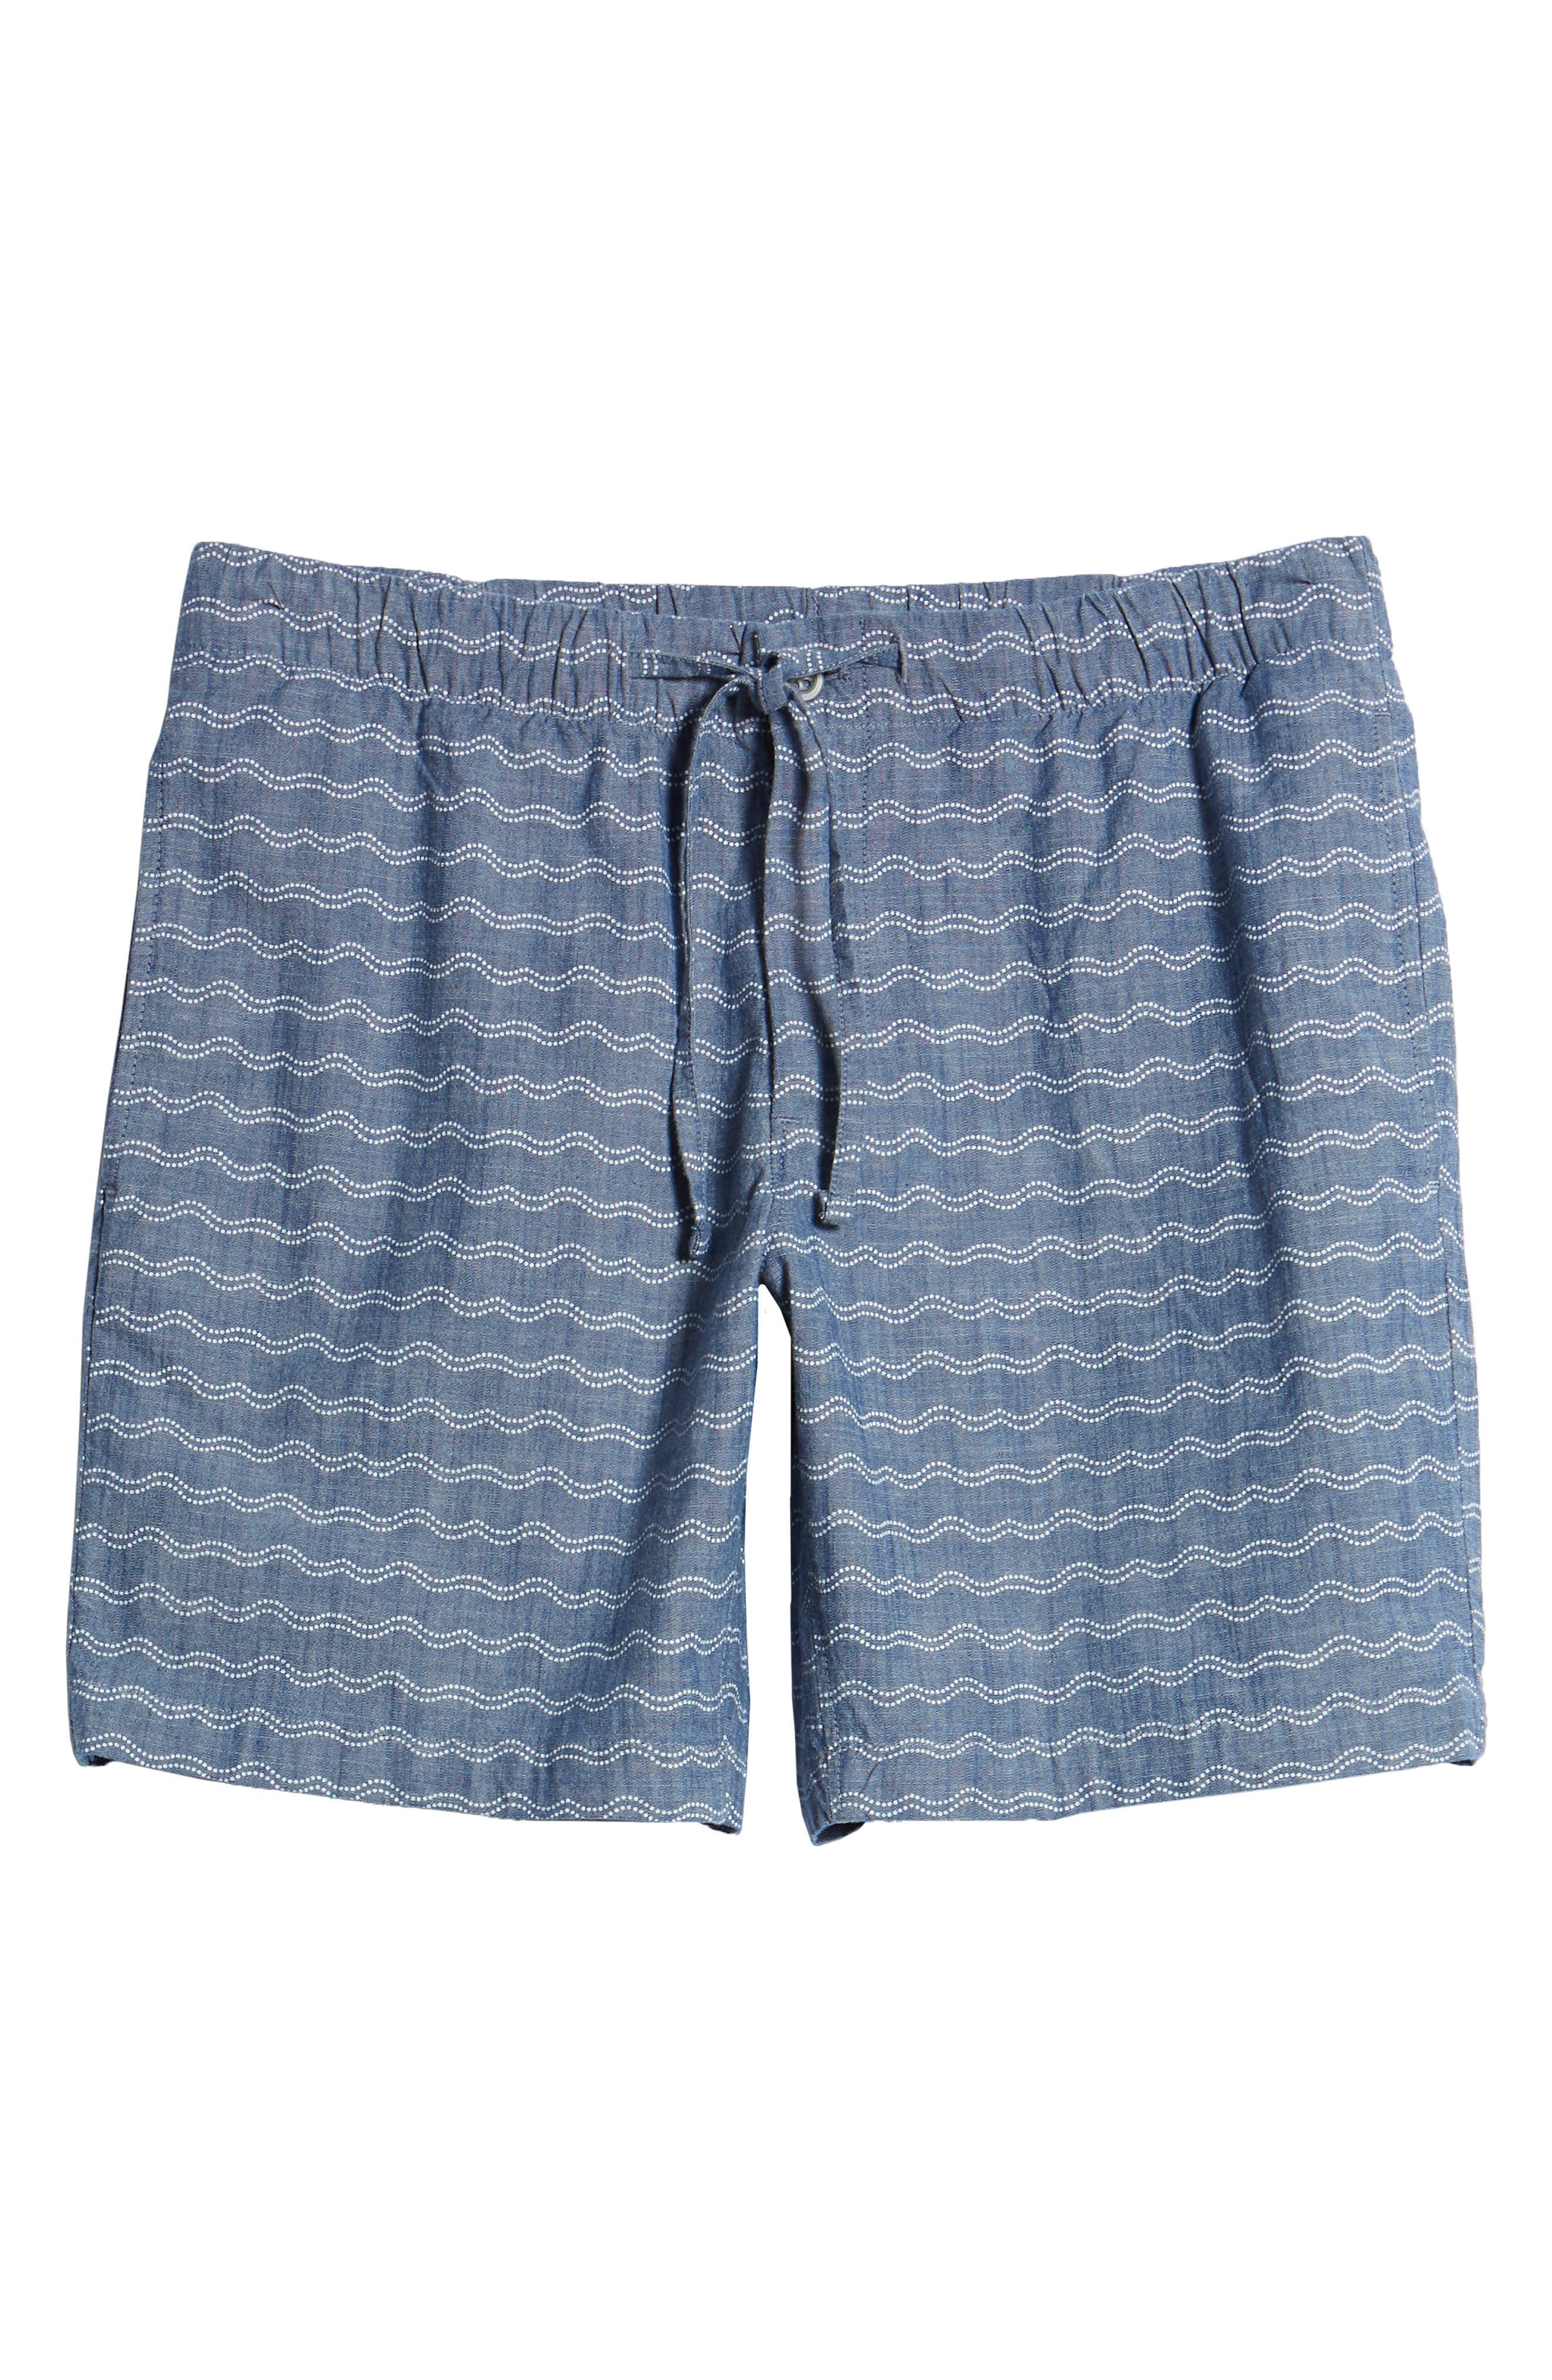 Print Beach Shorts,                             Alternate thumbnail 6, color,                             Wave Dot Chambray